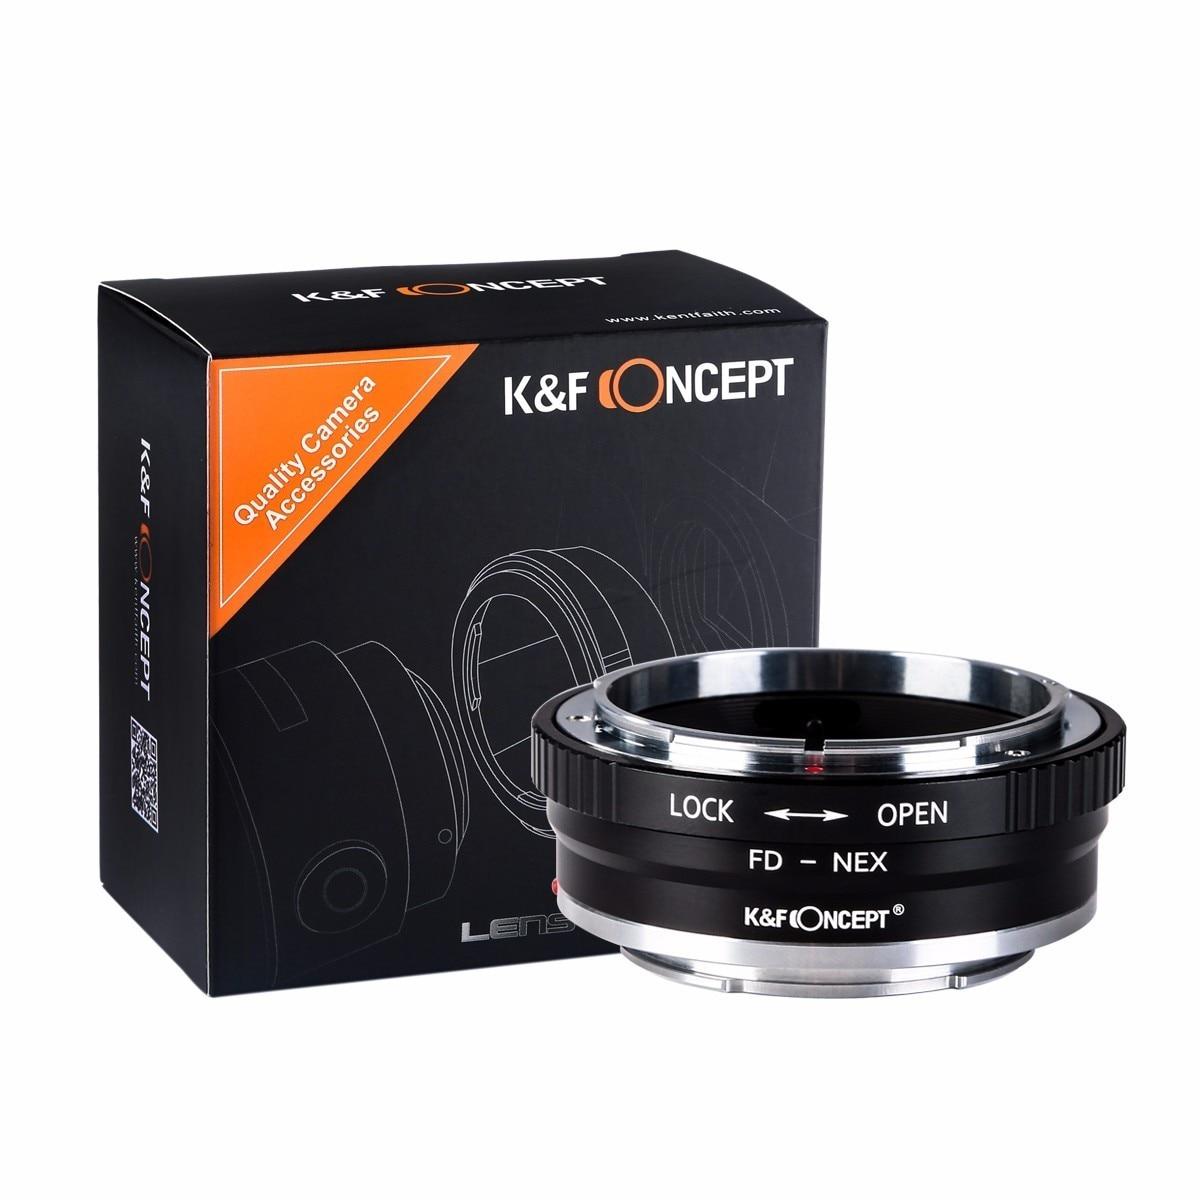 K & F koncept Alt-kobber interface høj præcision objektiv adapter - Kamera og foto - Foto 6